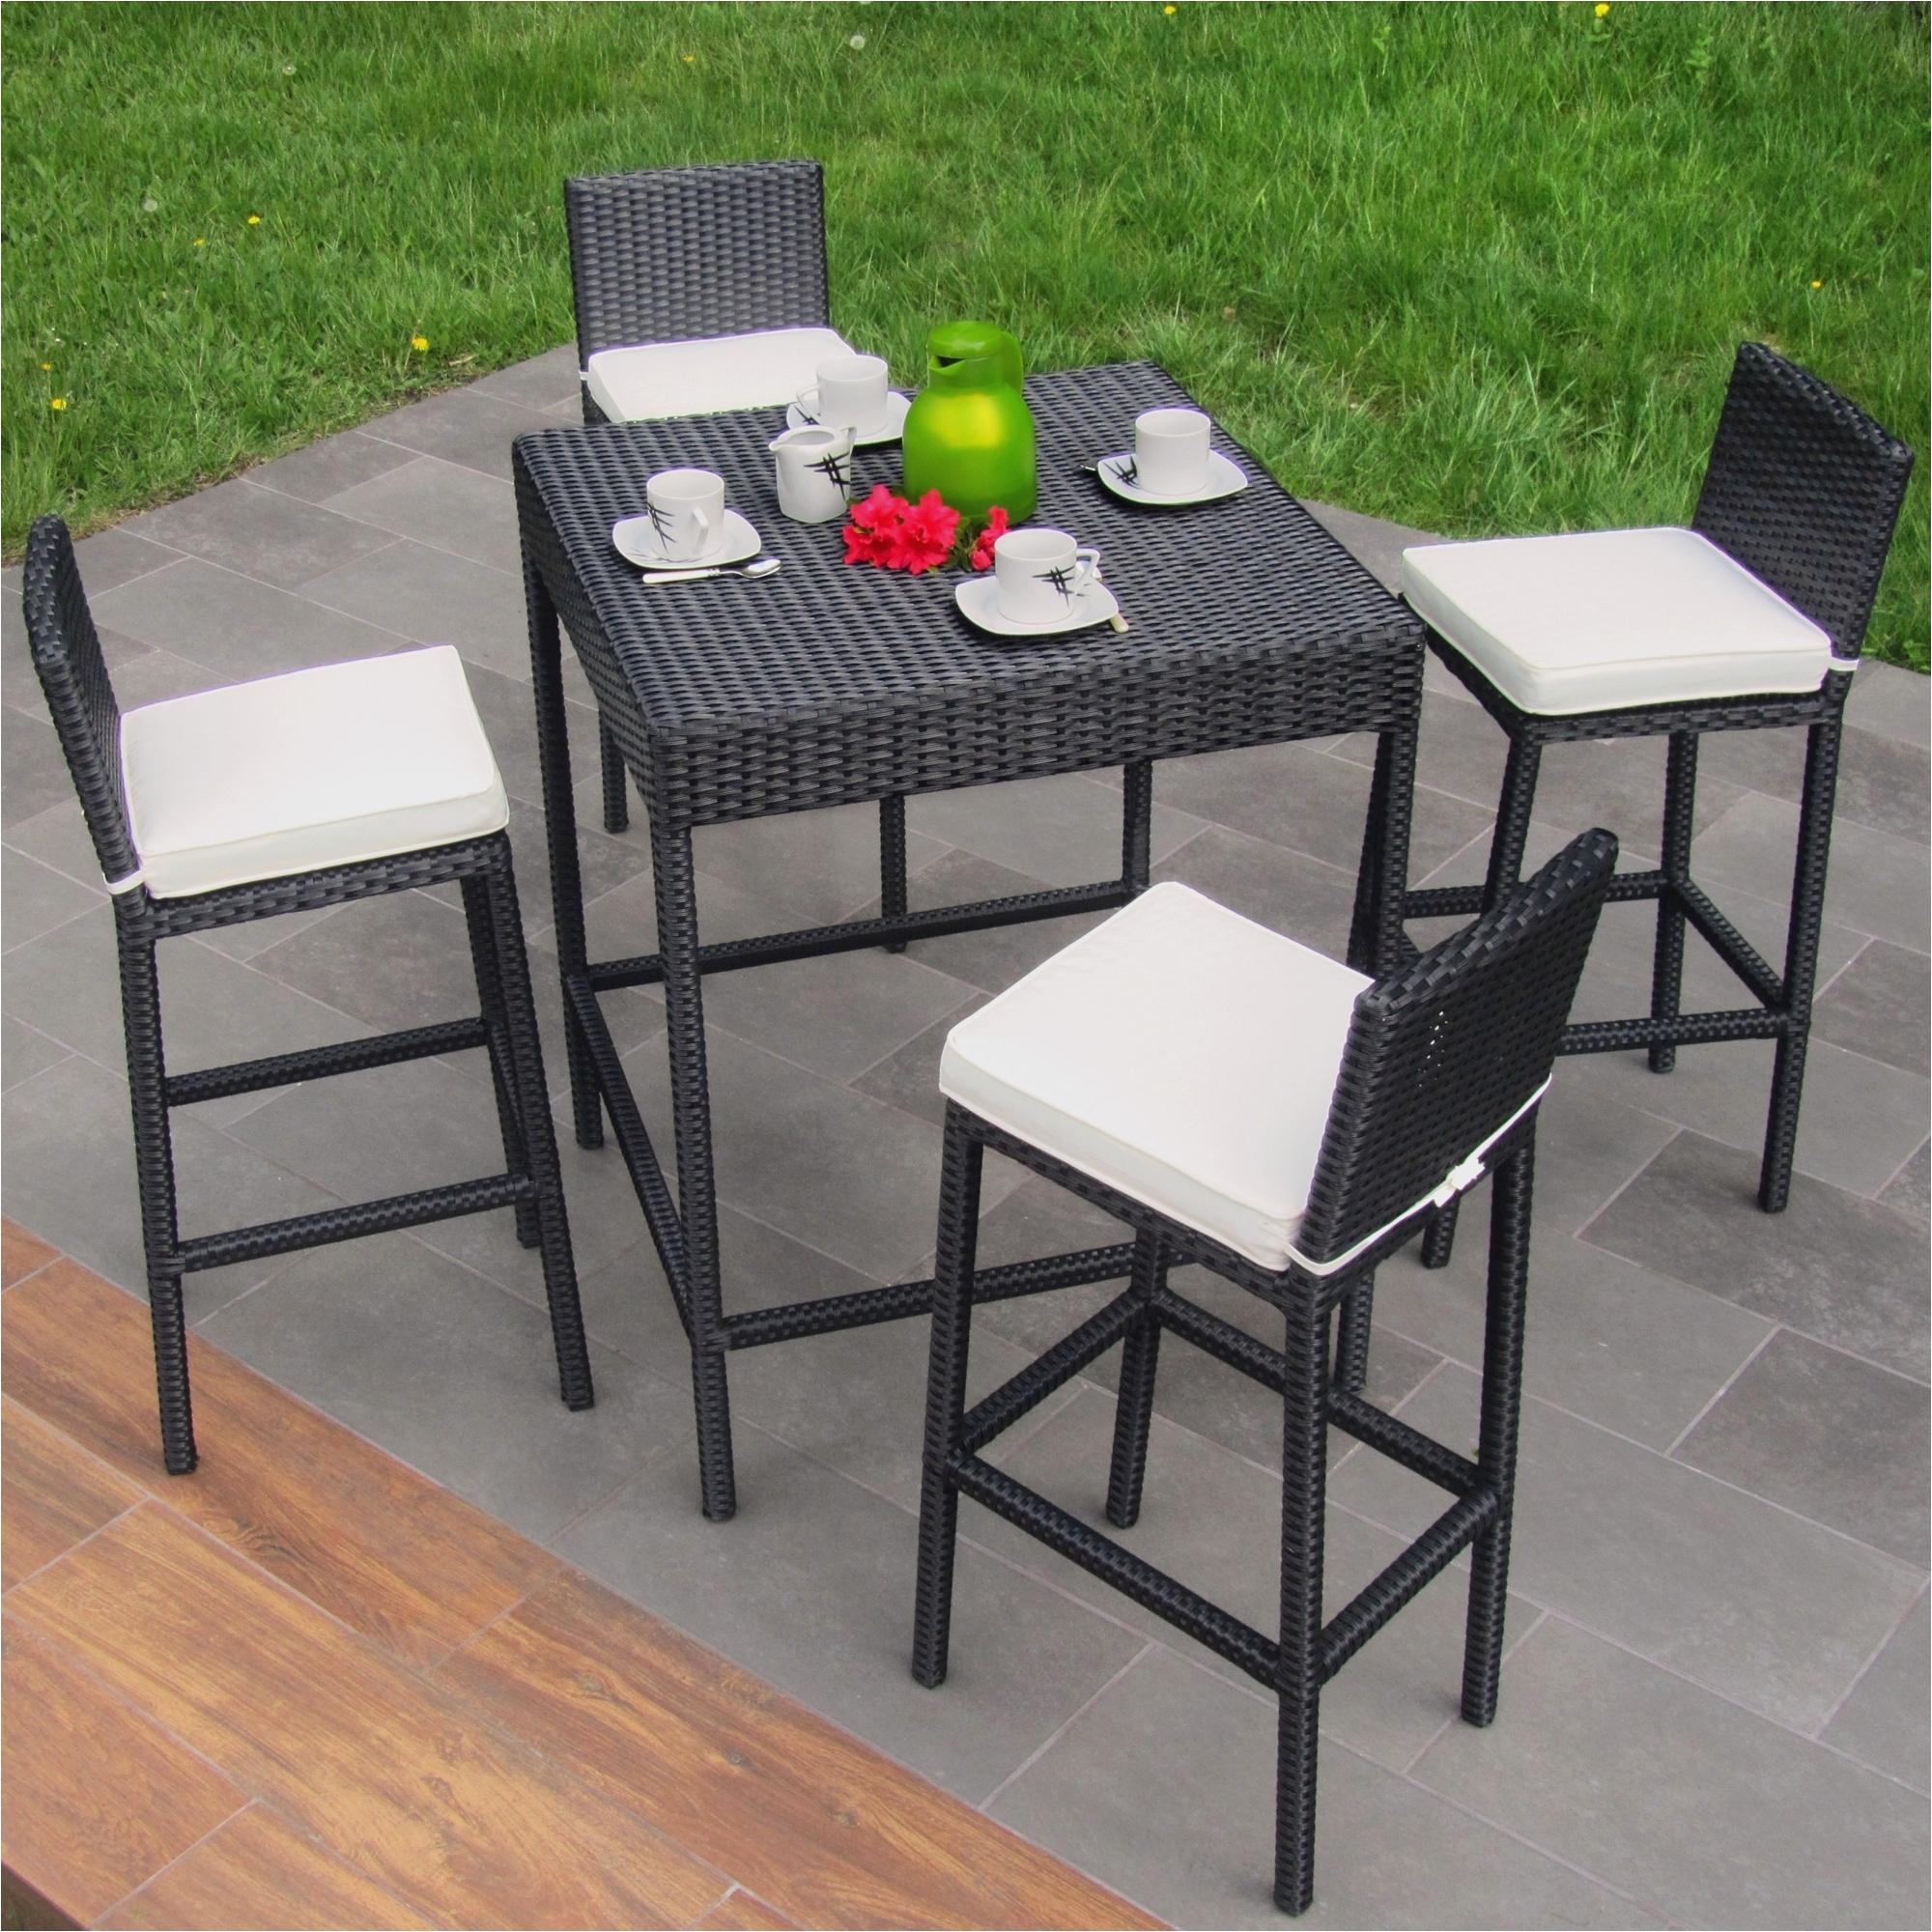 Table De Balcon Rabattable Carrefour Élégant Stock Table De Jardin Pliante Carrefour élégant Chaise De Jardin Carrefour